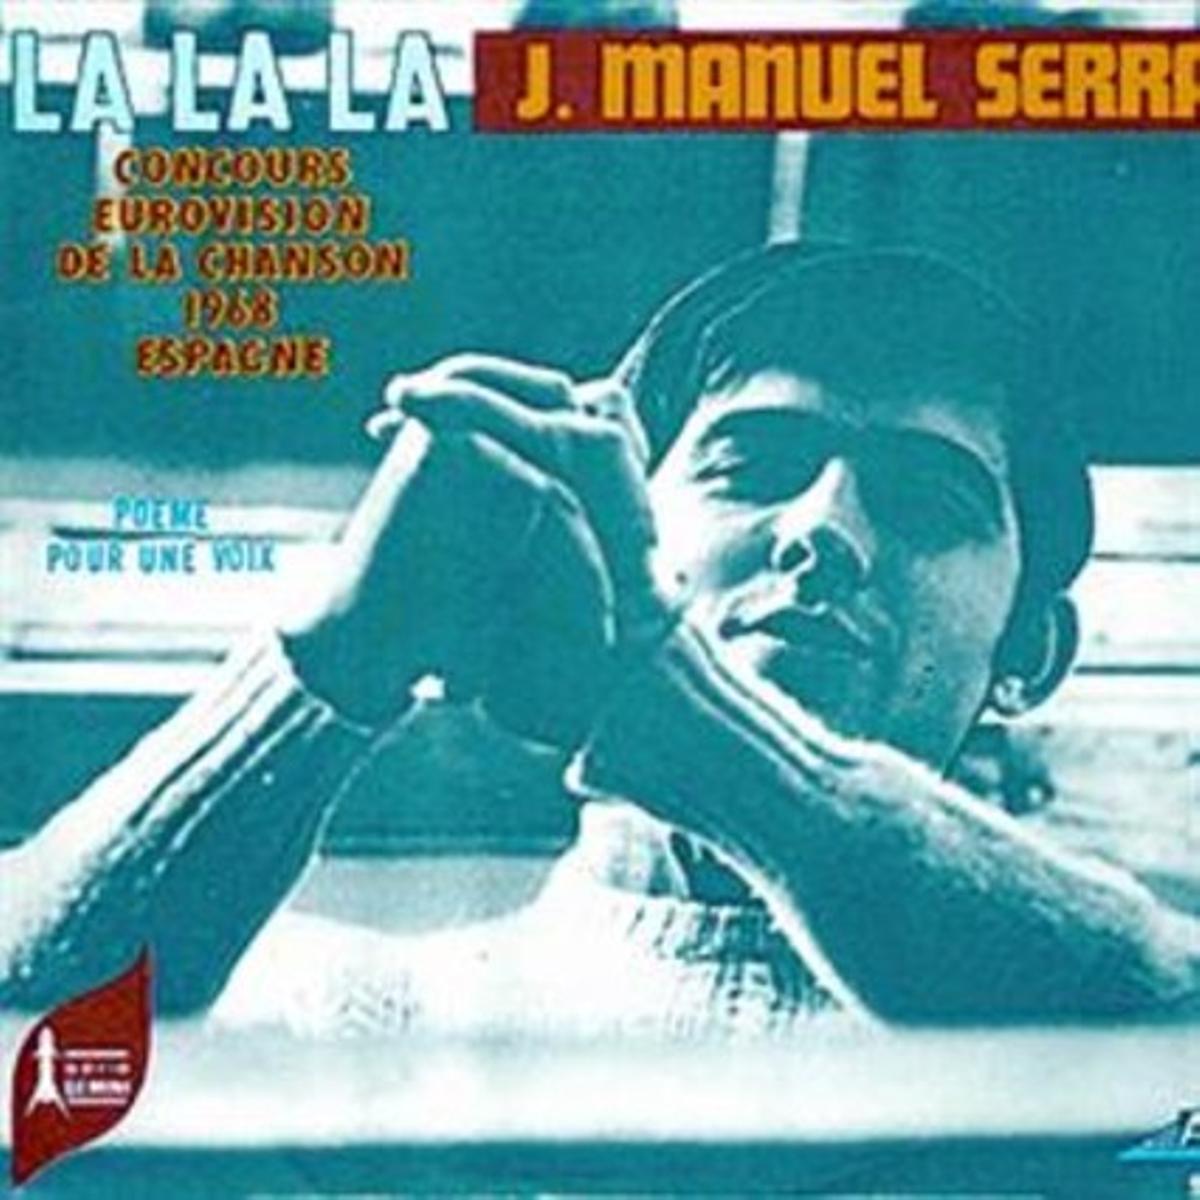 MANOLO Y RAMÓN 3 El Dúo Dinámico, en una imagen típica de sus primeros años como ídolos de la juventud pop de la década de los años 60.